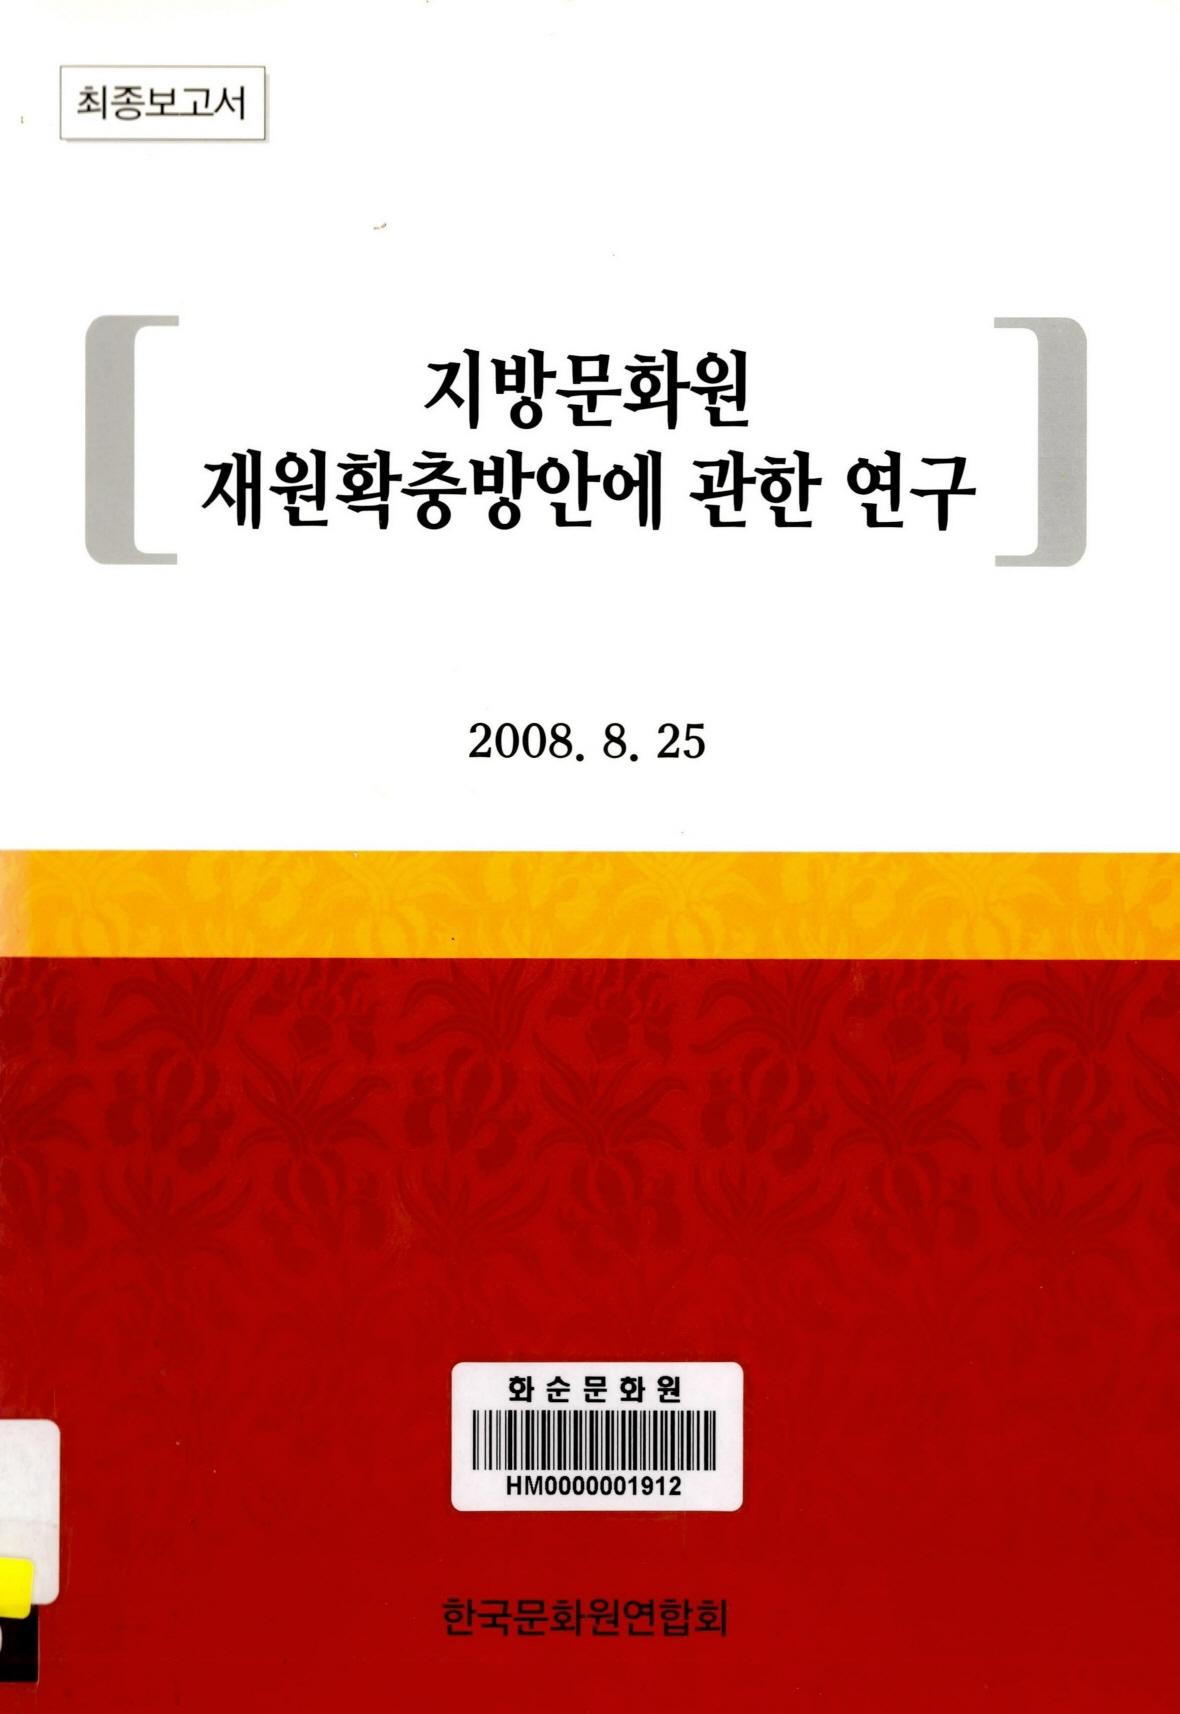 지방문화원 재원확충방안에 관한 연구 2008.8.25